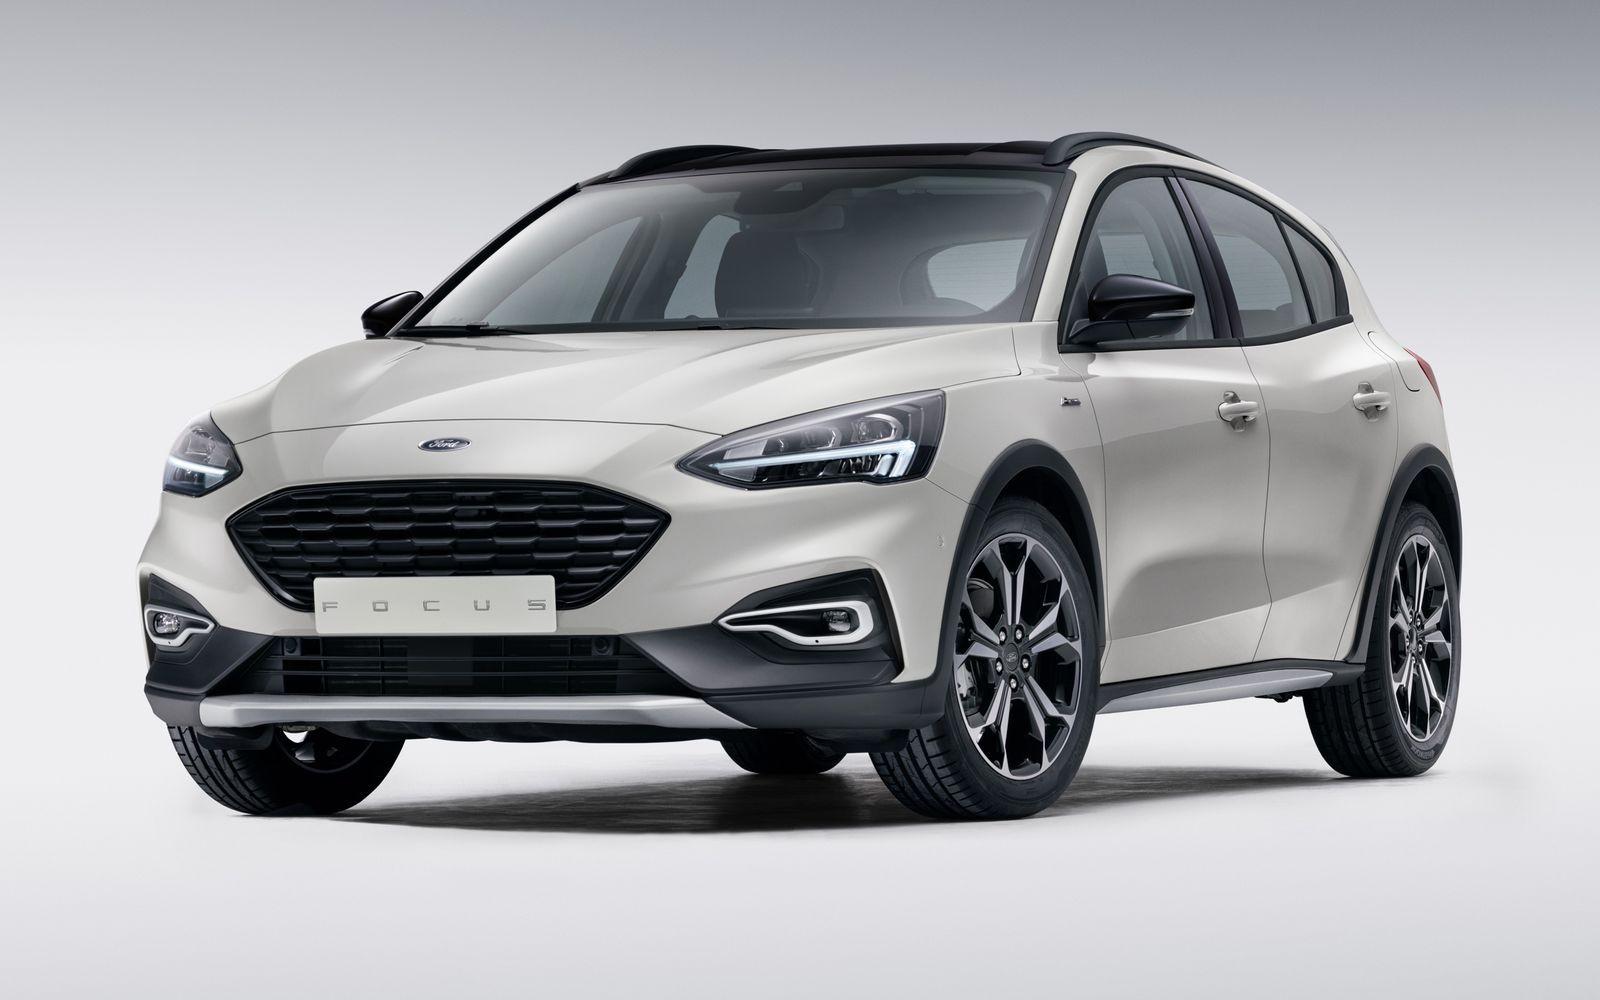 Новый Ford Focus в кросс-версии Activ.